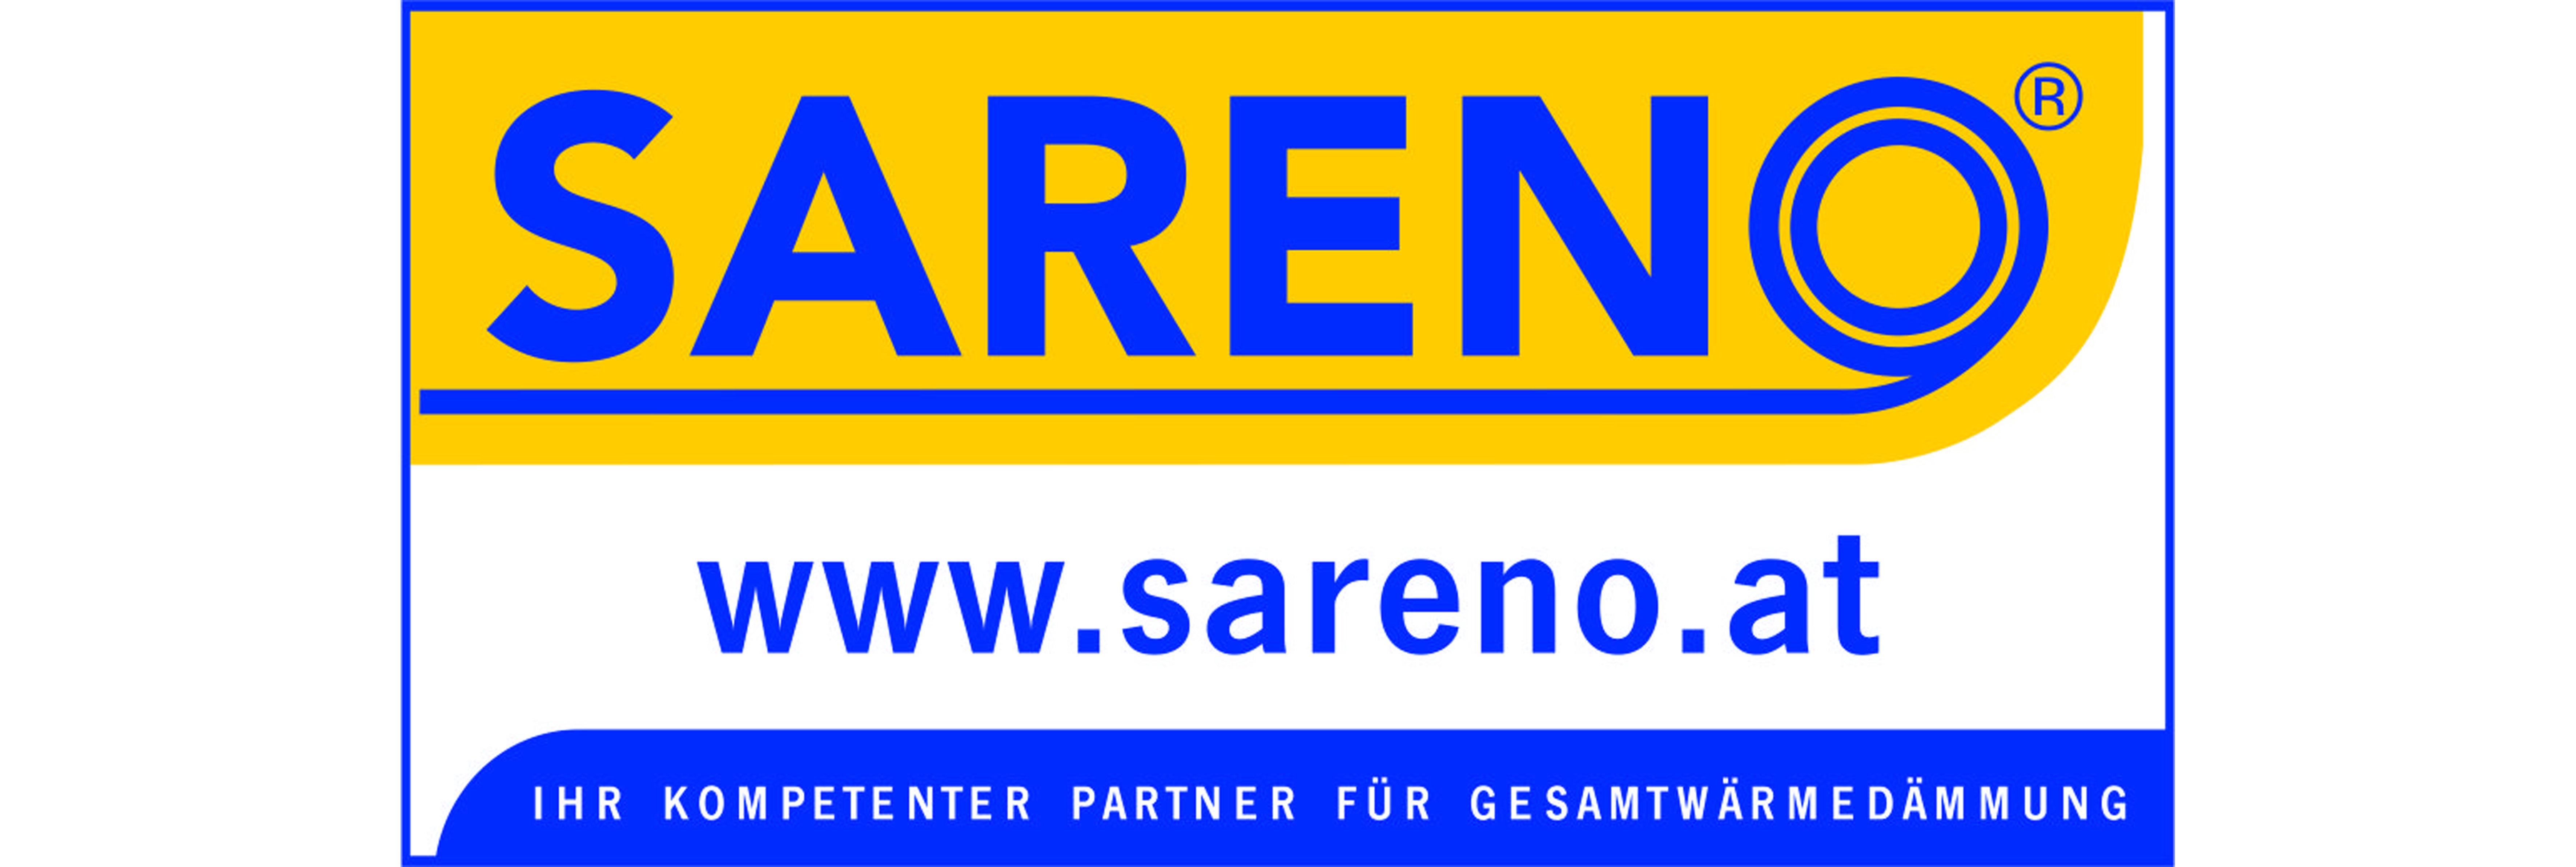 Sareno